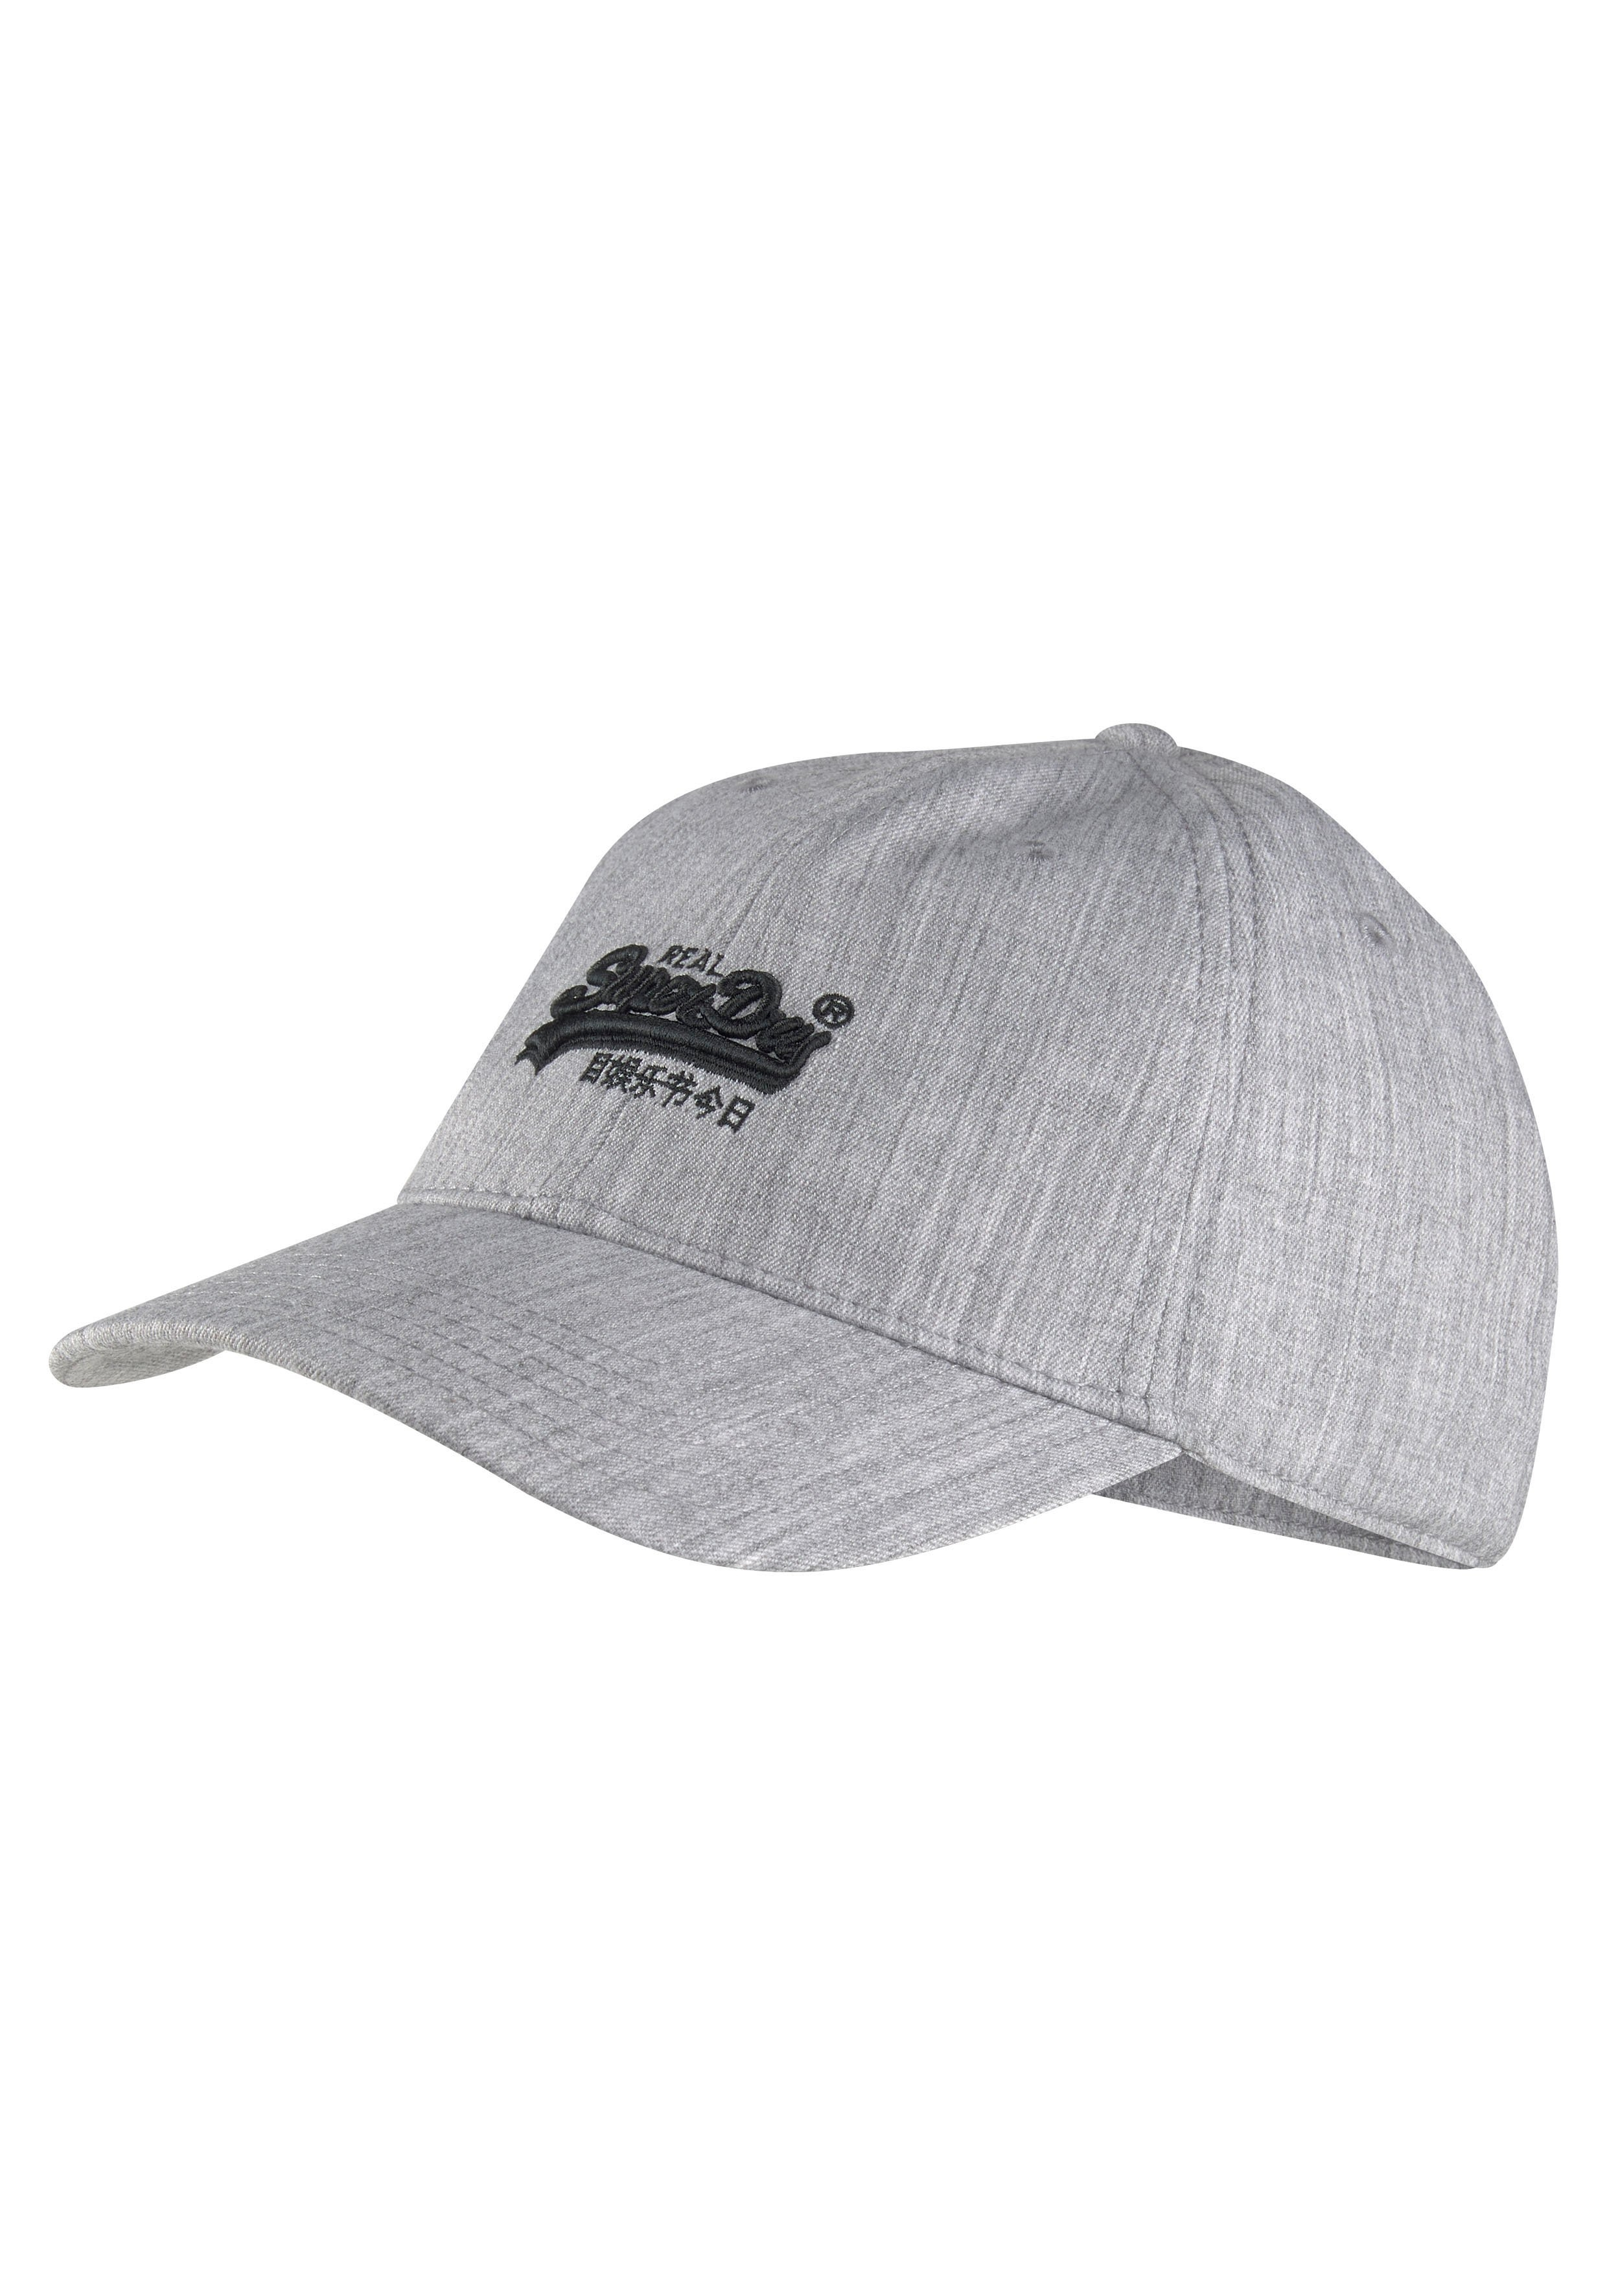 Superdry baseballcap met opgestikt superdry logo voor voordelig en veilig online kopen